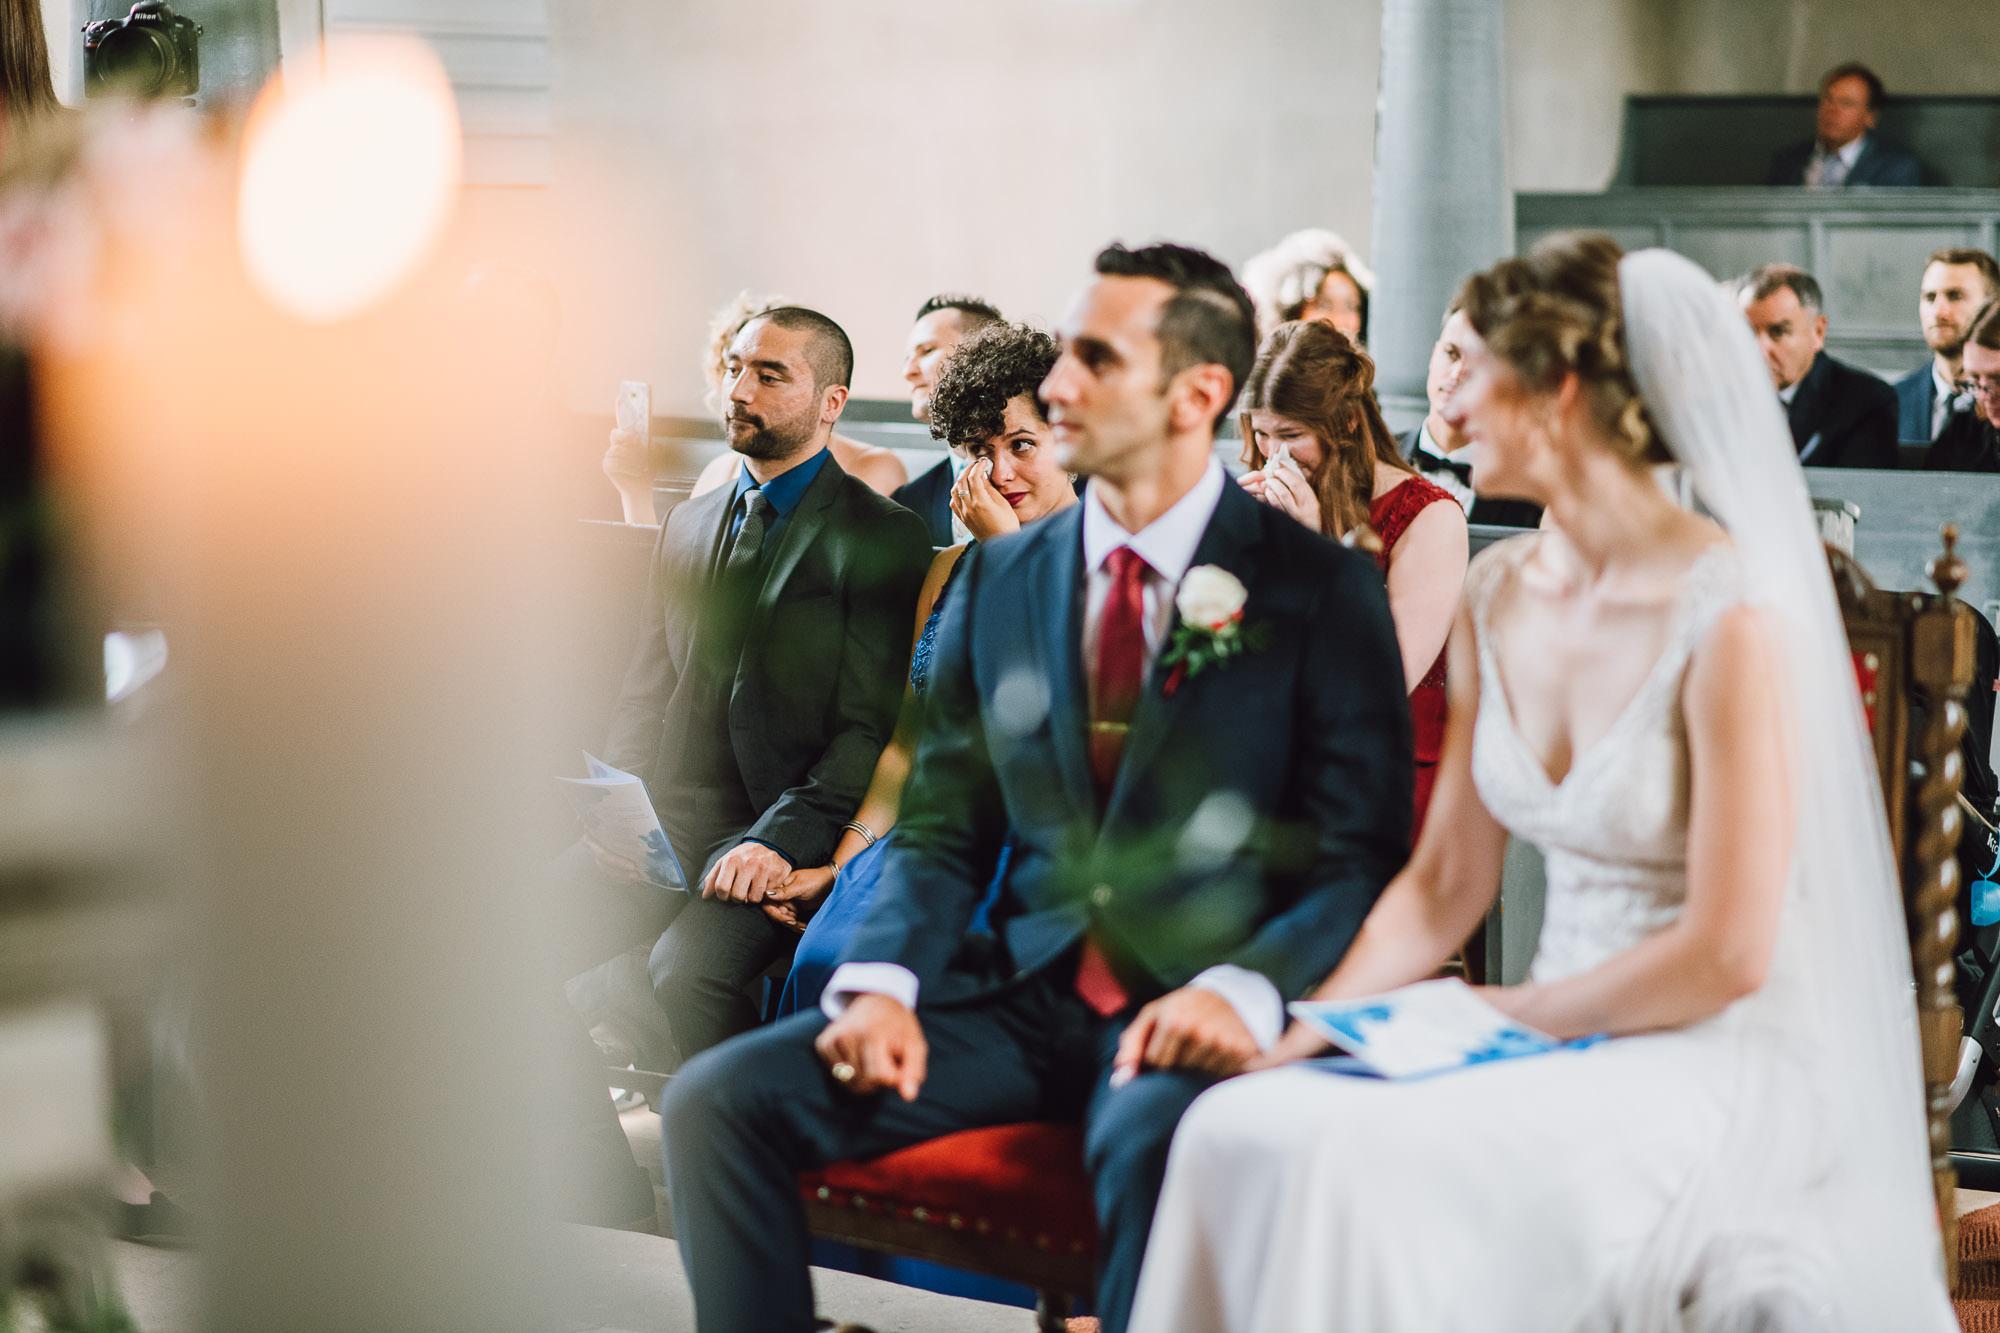 rustic-elegant-wedding-schloss-hochzeit-eyrichshof-franken-bamberg-062